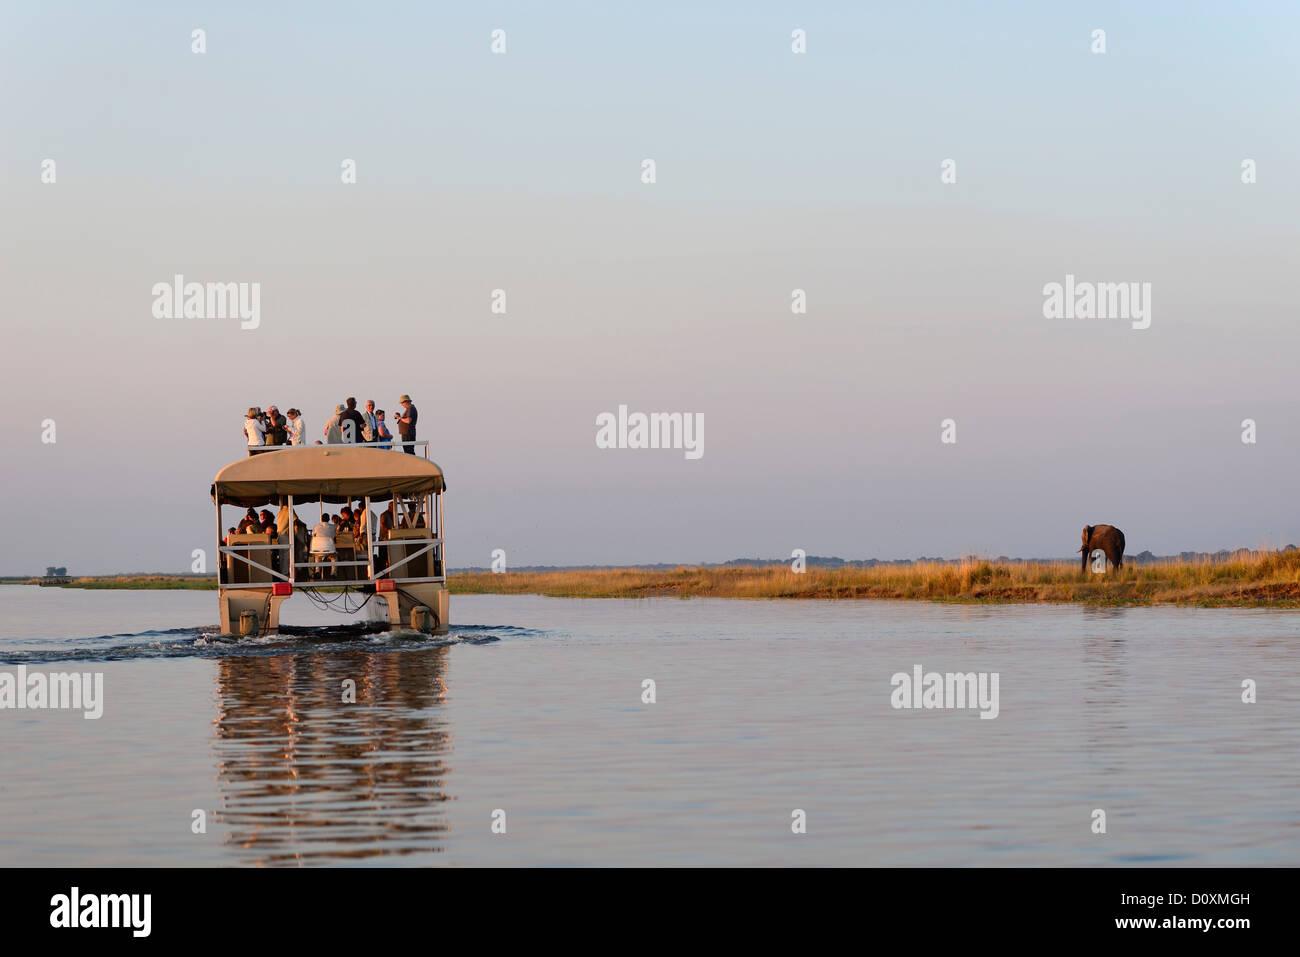 Africa, Botswana, Chobe, National Park, Hippo, Hippopotamus, animal, safari, water, river, horizontal, wildlife, Stock Photo